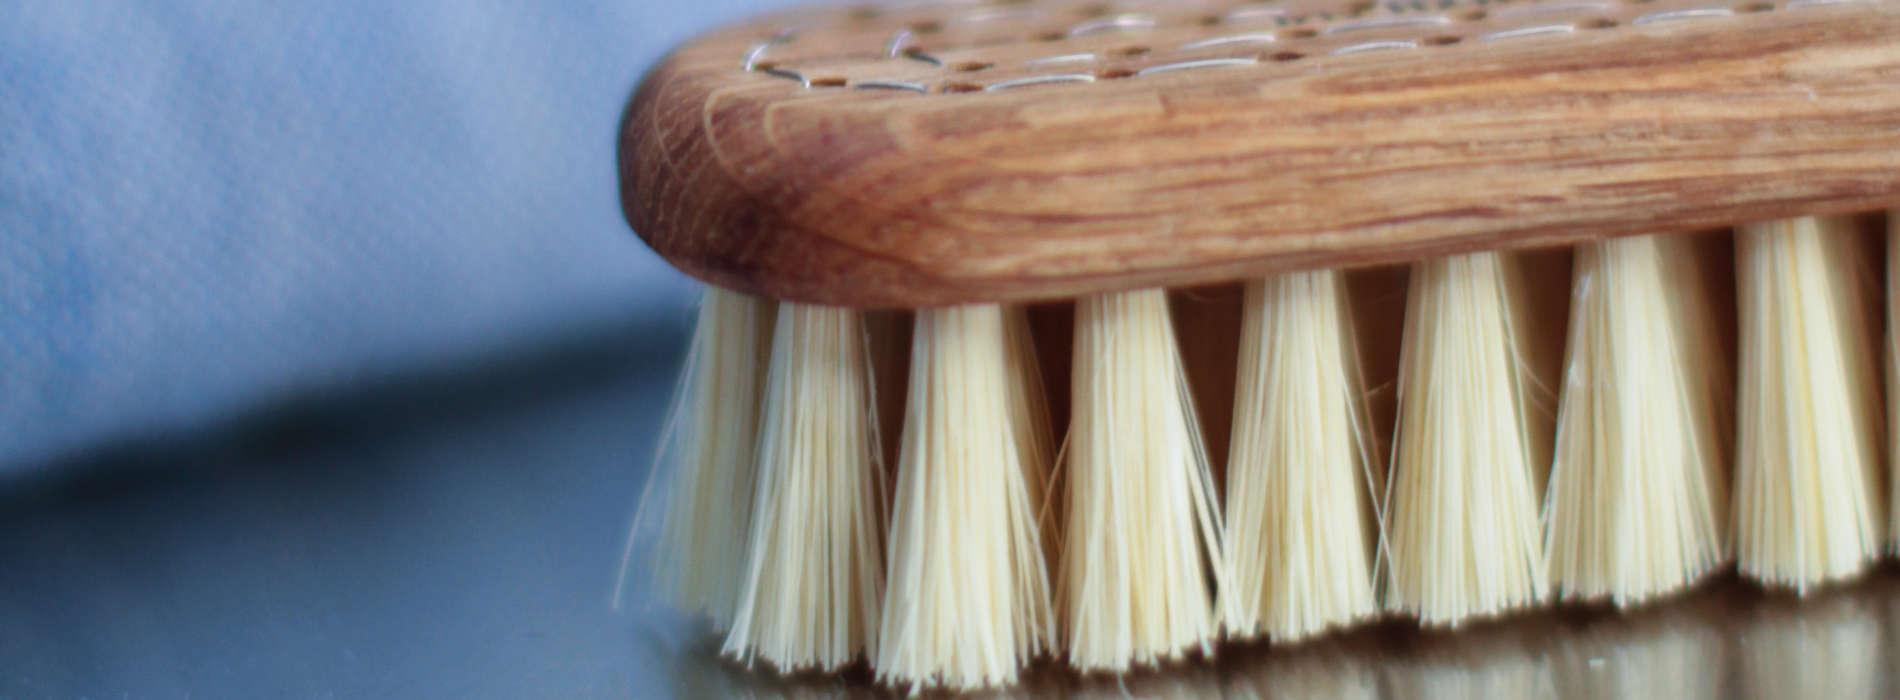 Brosses Landmade - c'est tout naturel